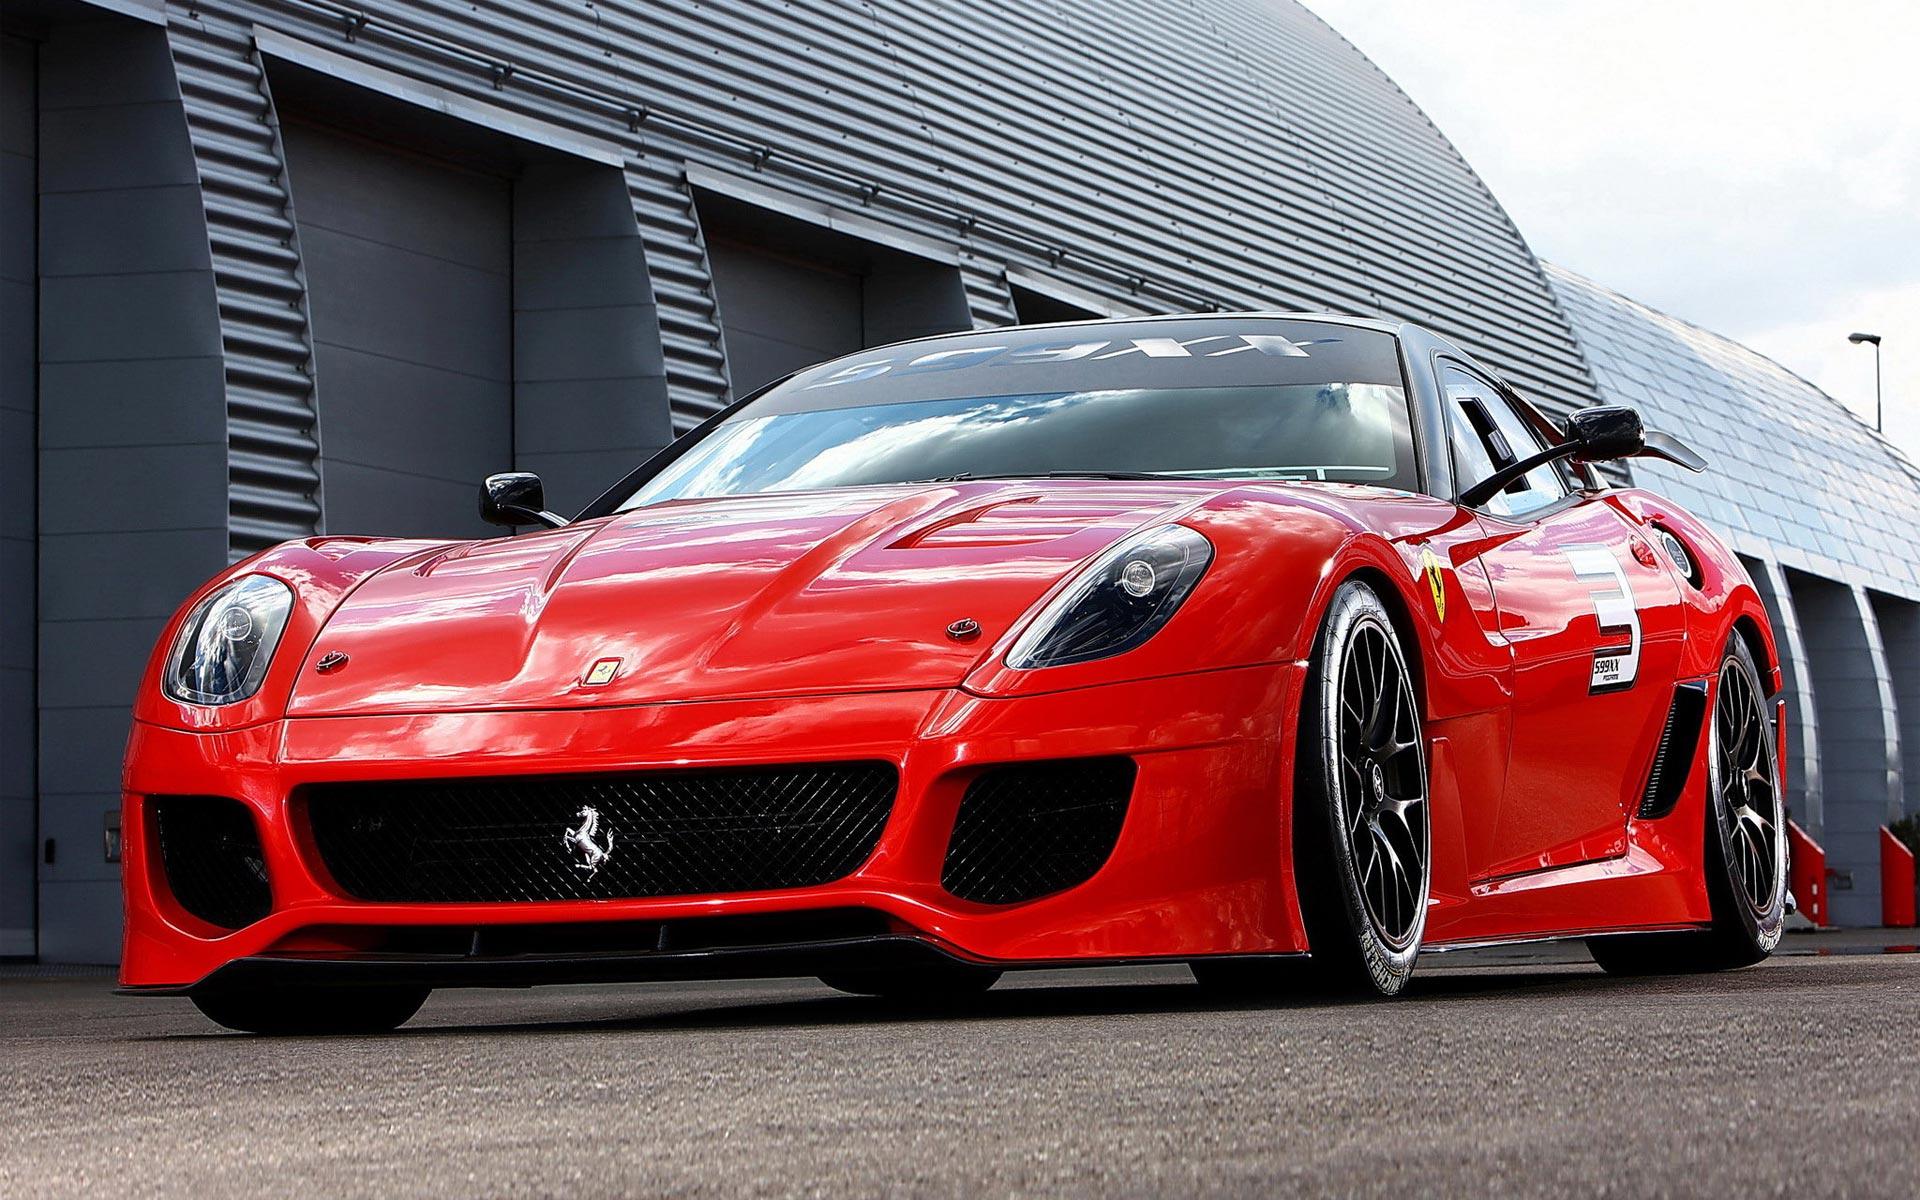 El Ferrari Rojo - 1920x1200